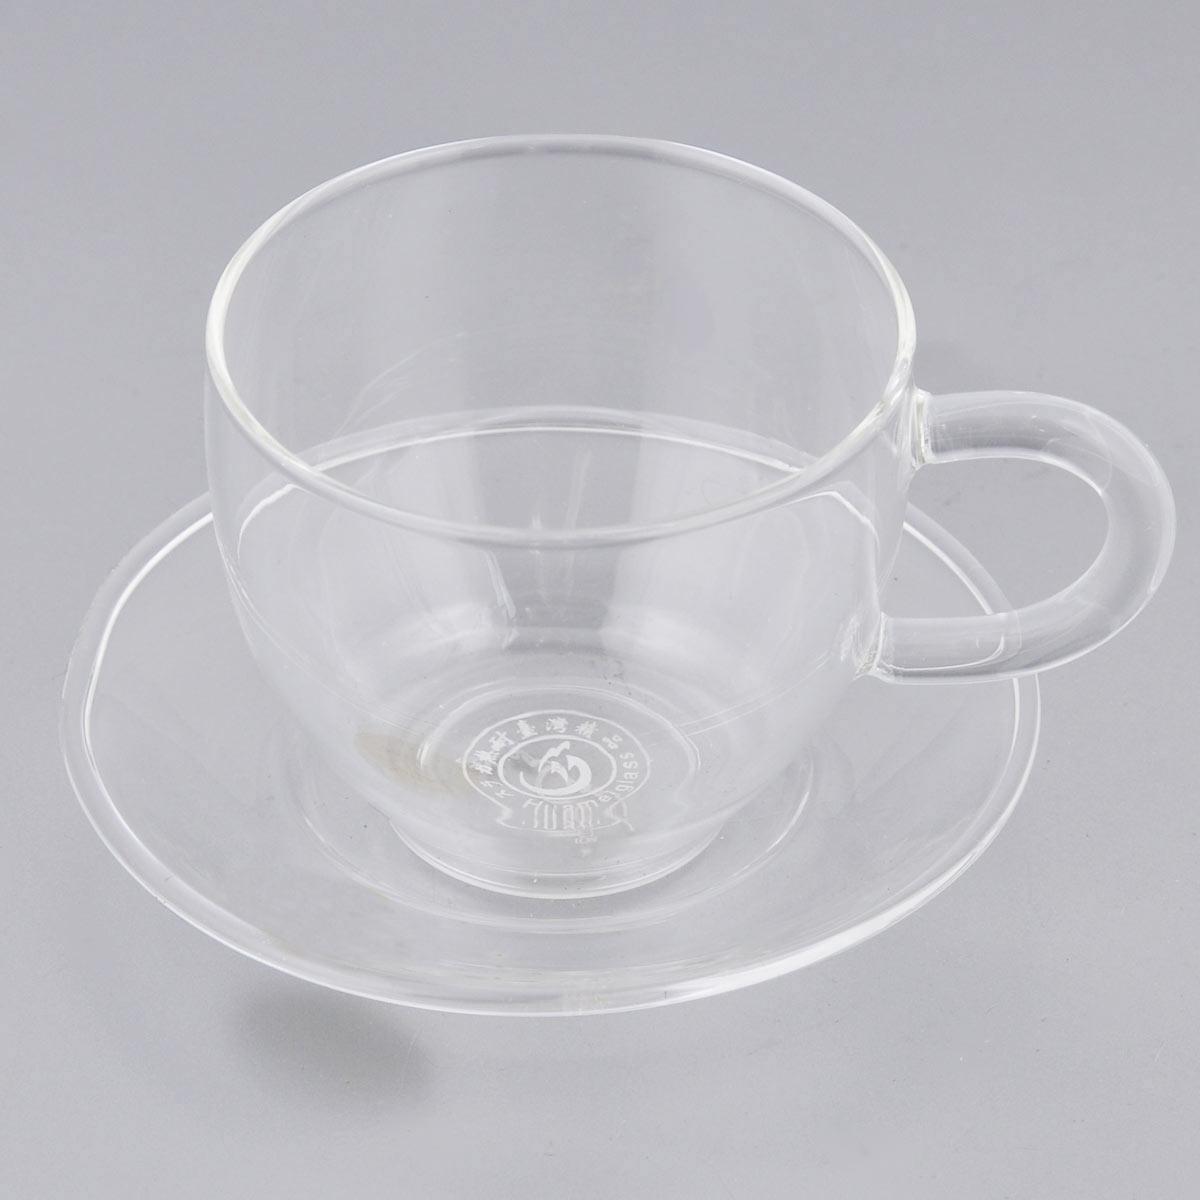 Чайная пара Гармония, цвет: прозрачный, 80 мл, 2 предмета02341Чайная пара Гармония предназначена для тех, кто привык пить чай по-европейски. Стекло очень легкий материал, поэтому держать такую чашку в руке удобно, ну а тот факт, что оно еще и прозрачно, позволяет оценить оттенки цвета чая. В наборе чашка и блюдце. Объём чашки: 80 мл. Диаметр чашки по верхнему краю: 6 см. Высота чашки: 5,5 см. Диаметр блюдца: 9 см.